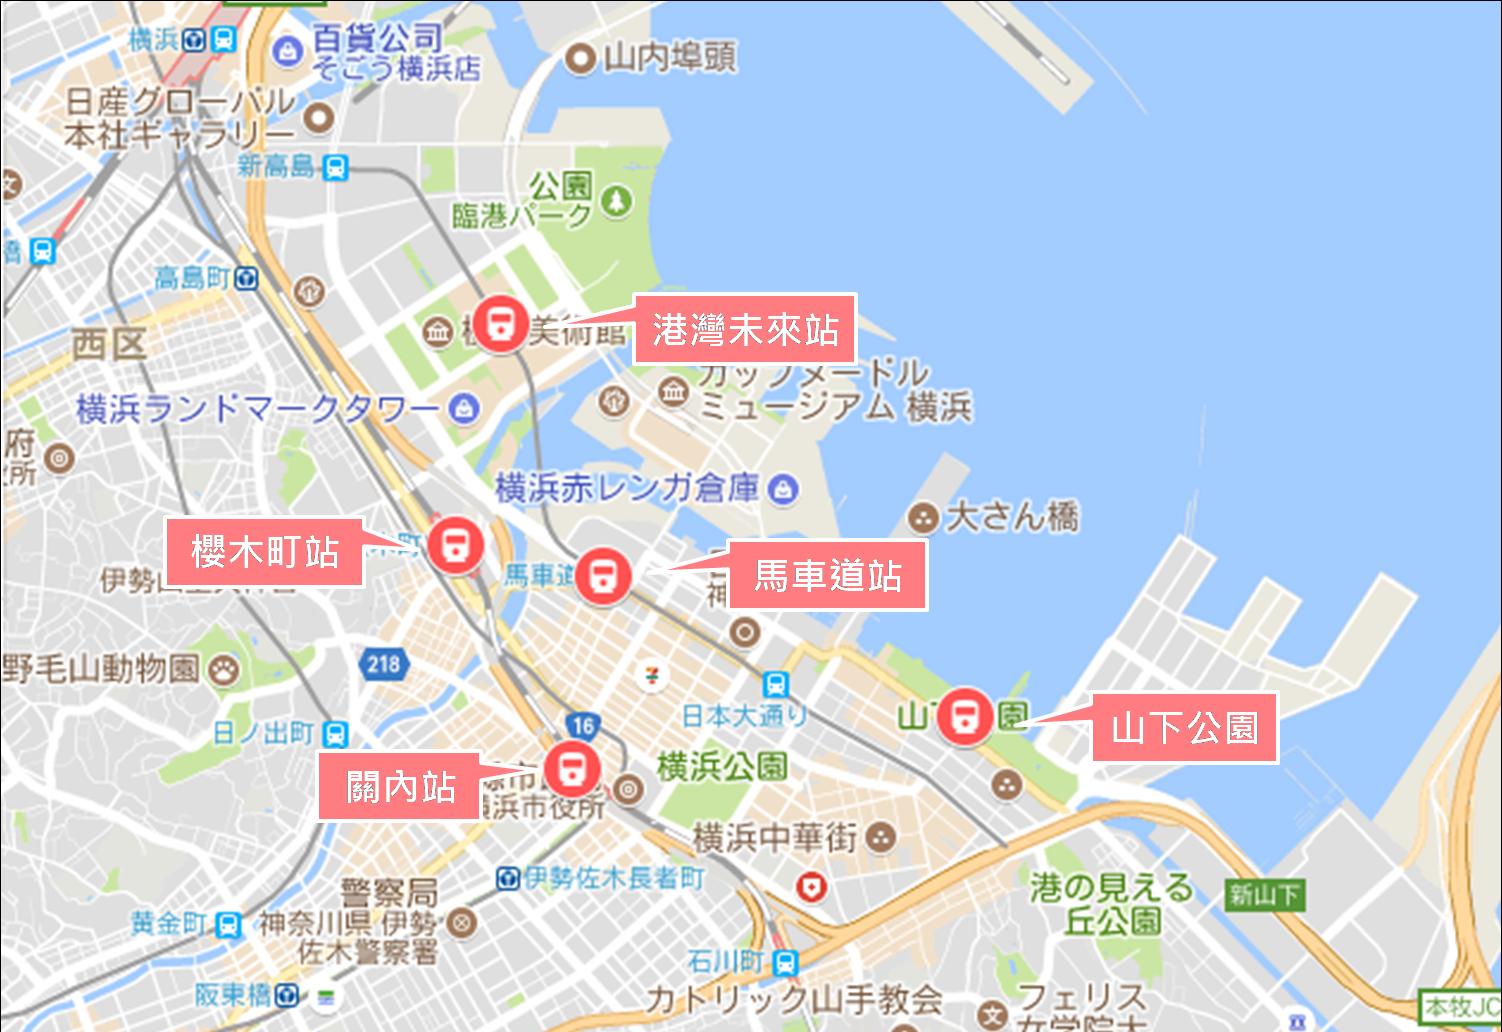 橫濱住宿推薦|賞櫻行程住宿清單 10間飯店精選私藏筆記